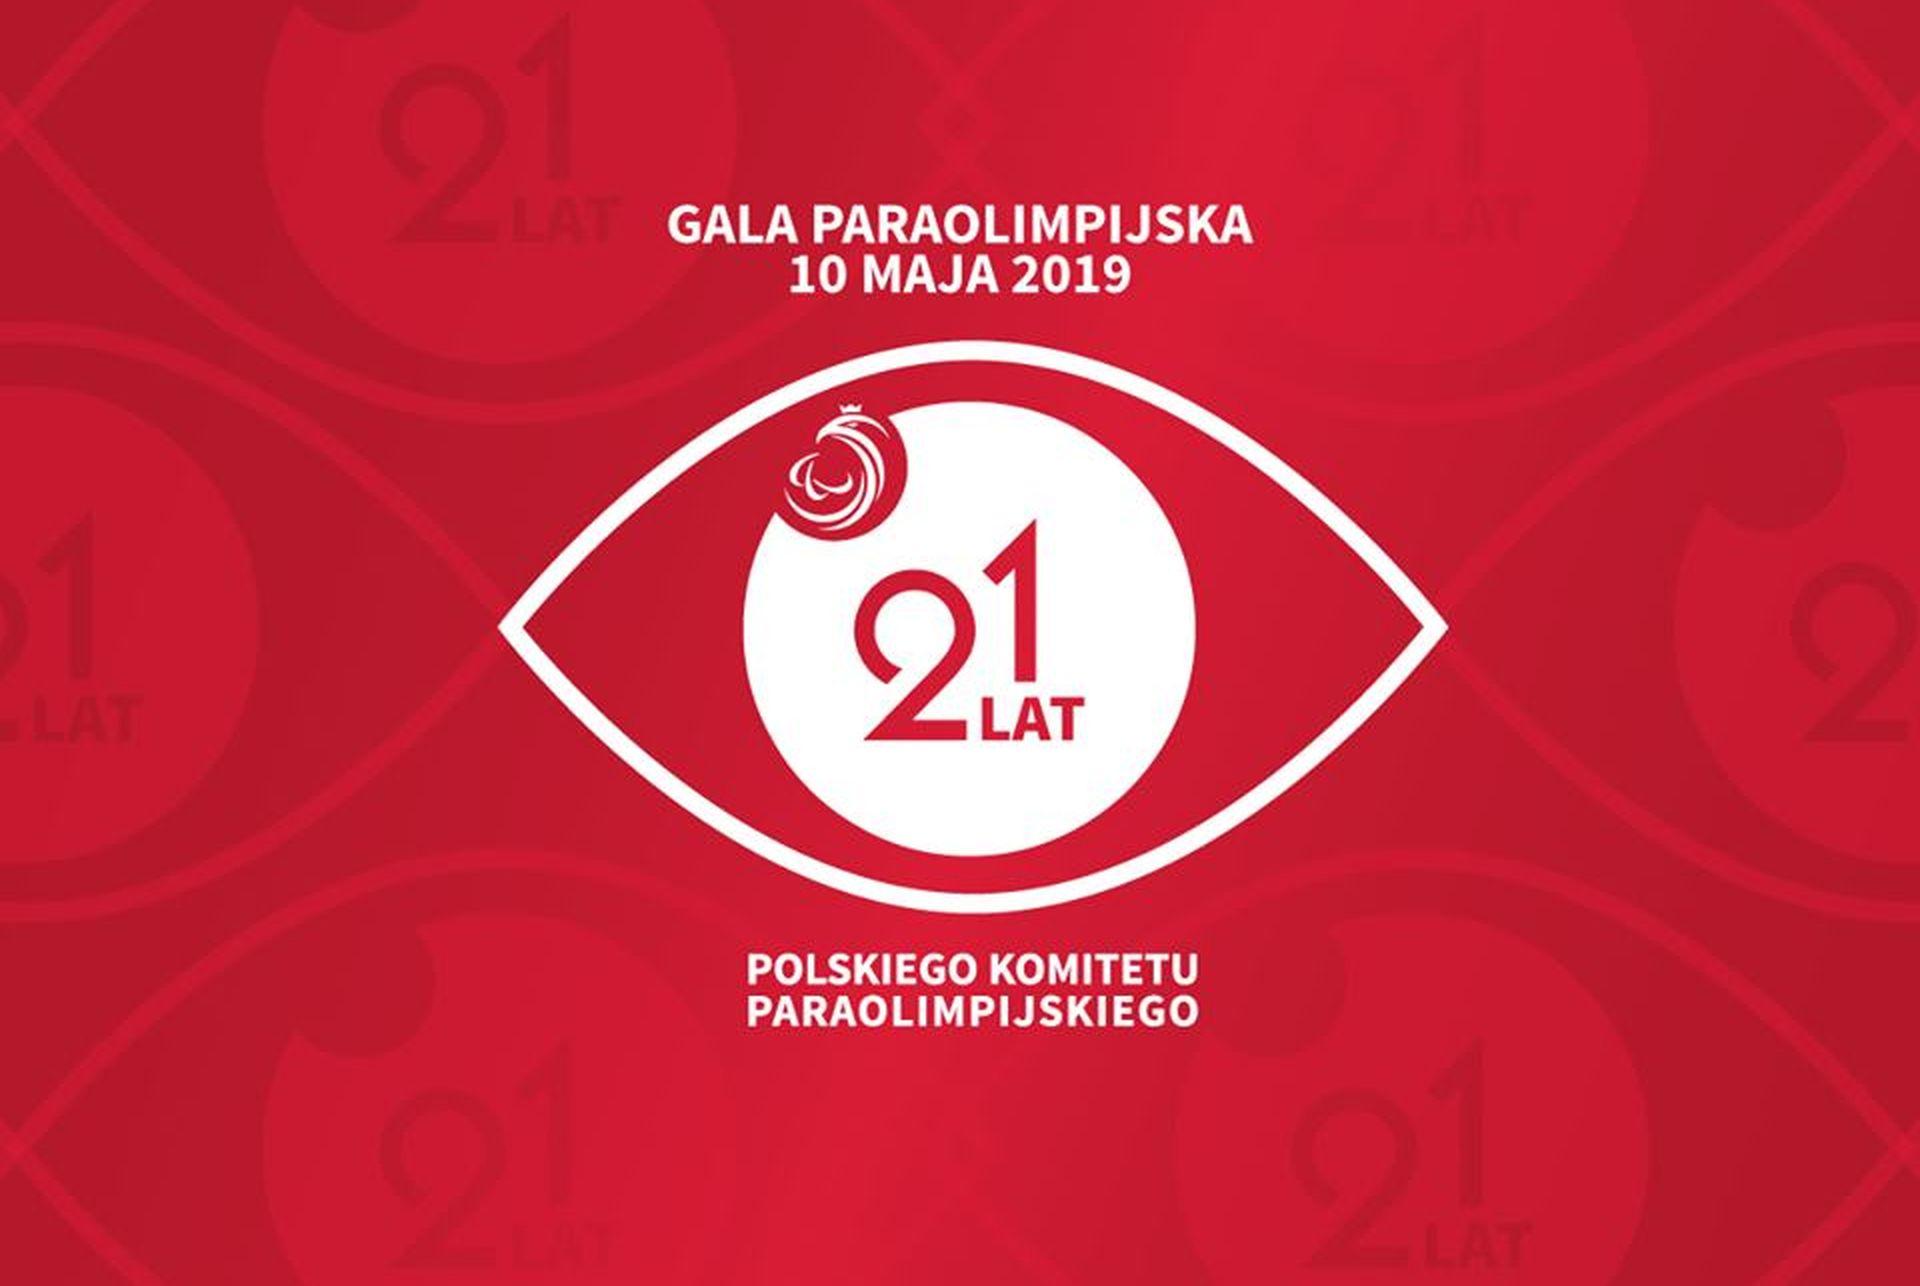 Już dziś wyjątkowa Gala Paraolimpijska